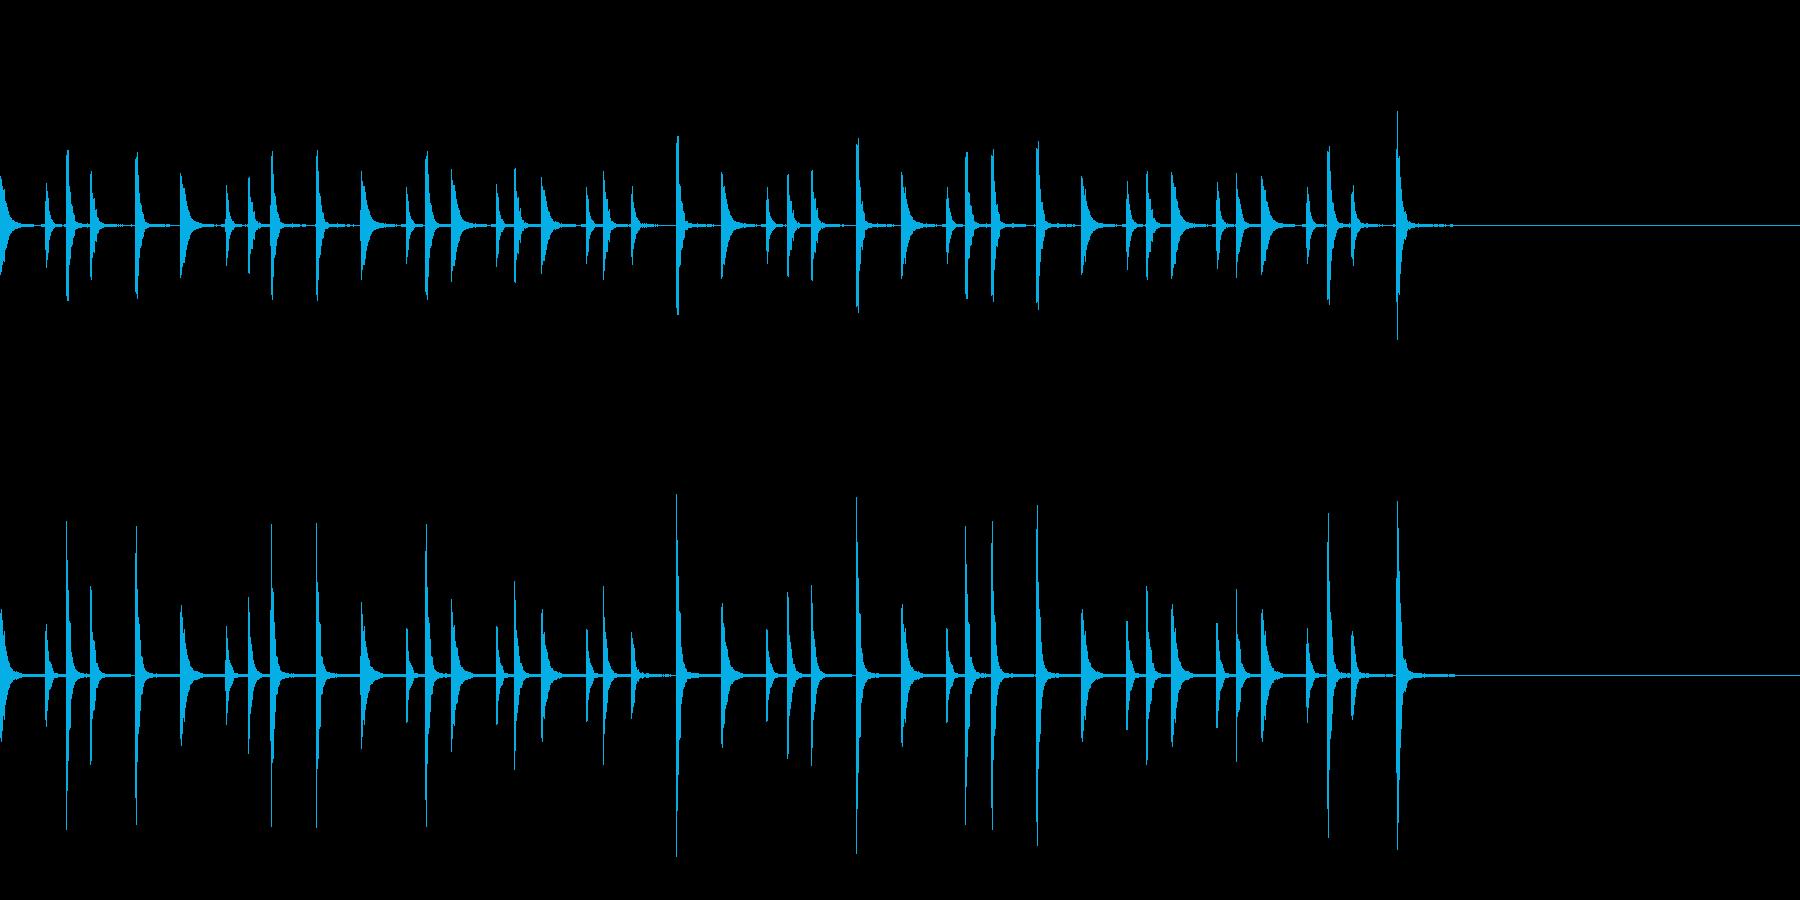 お囃子祭り軽快なコンチキのフレーズ音FXの再生済みの波形